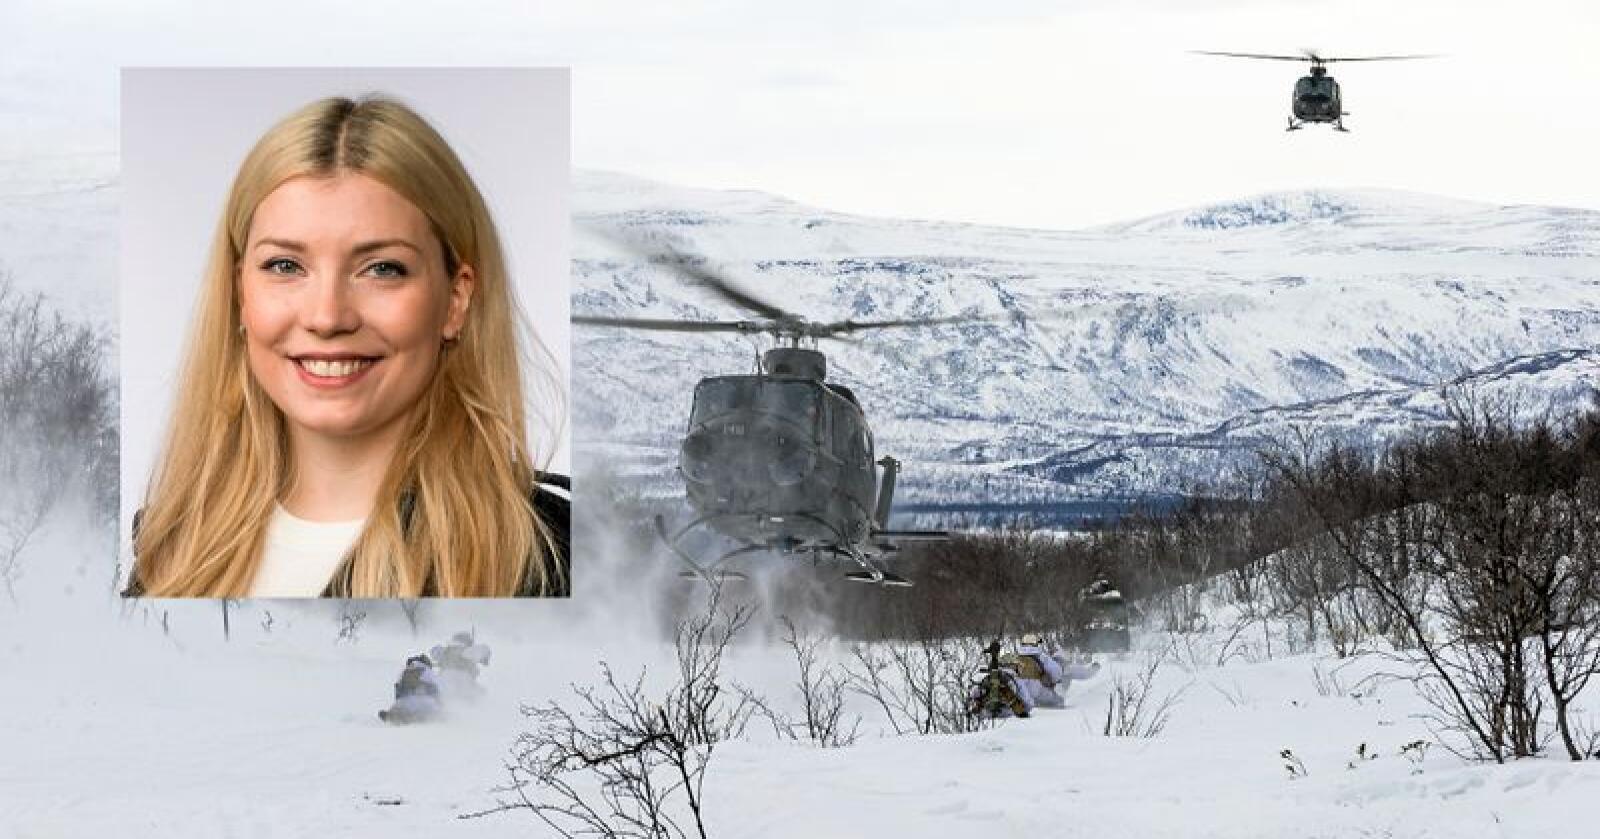 Bell-helikopterne stasjonert på Bardufoss brukes under øvelser for Hæren, men har også bistått i mange sivile beredskapssammenhenger. Foto: Ole-Sverre Haugli / Hæren / Stortinget